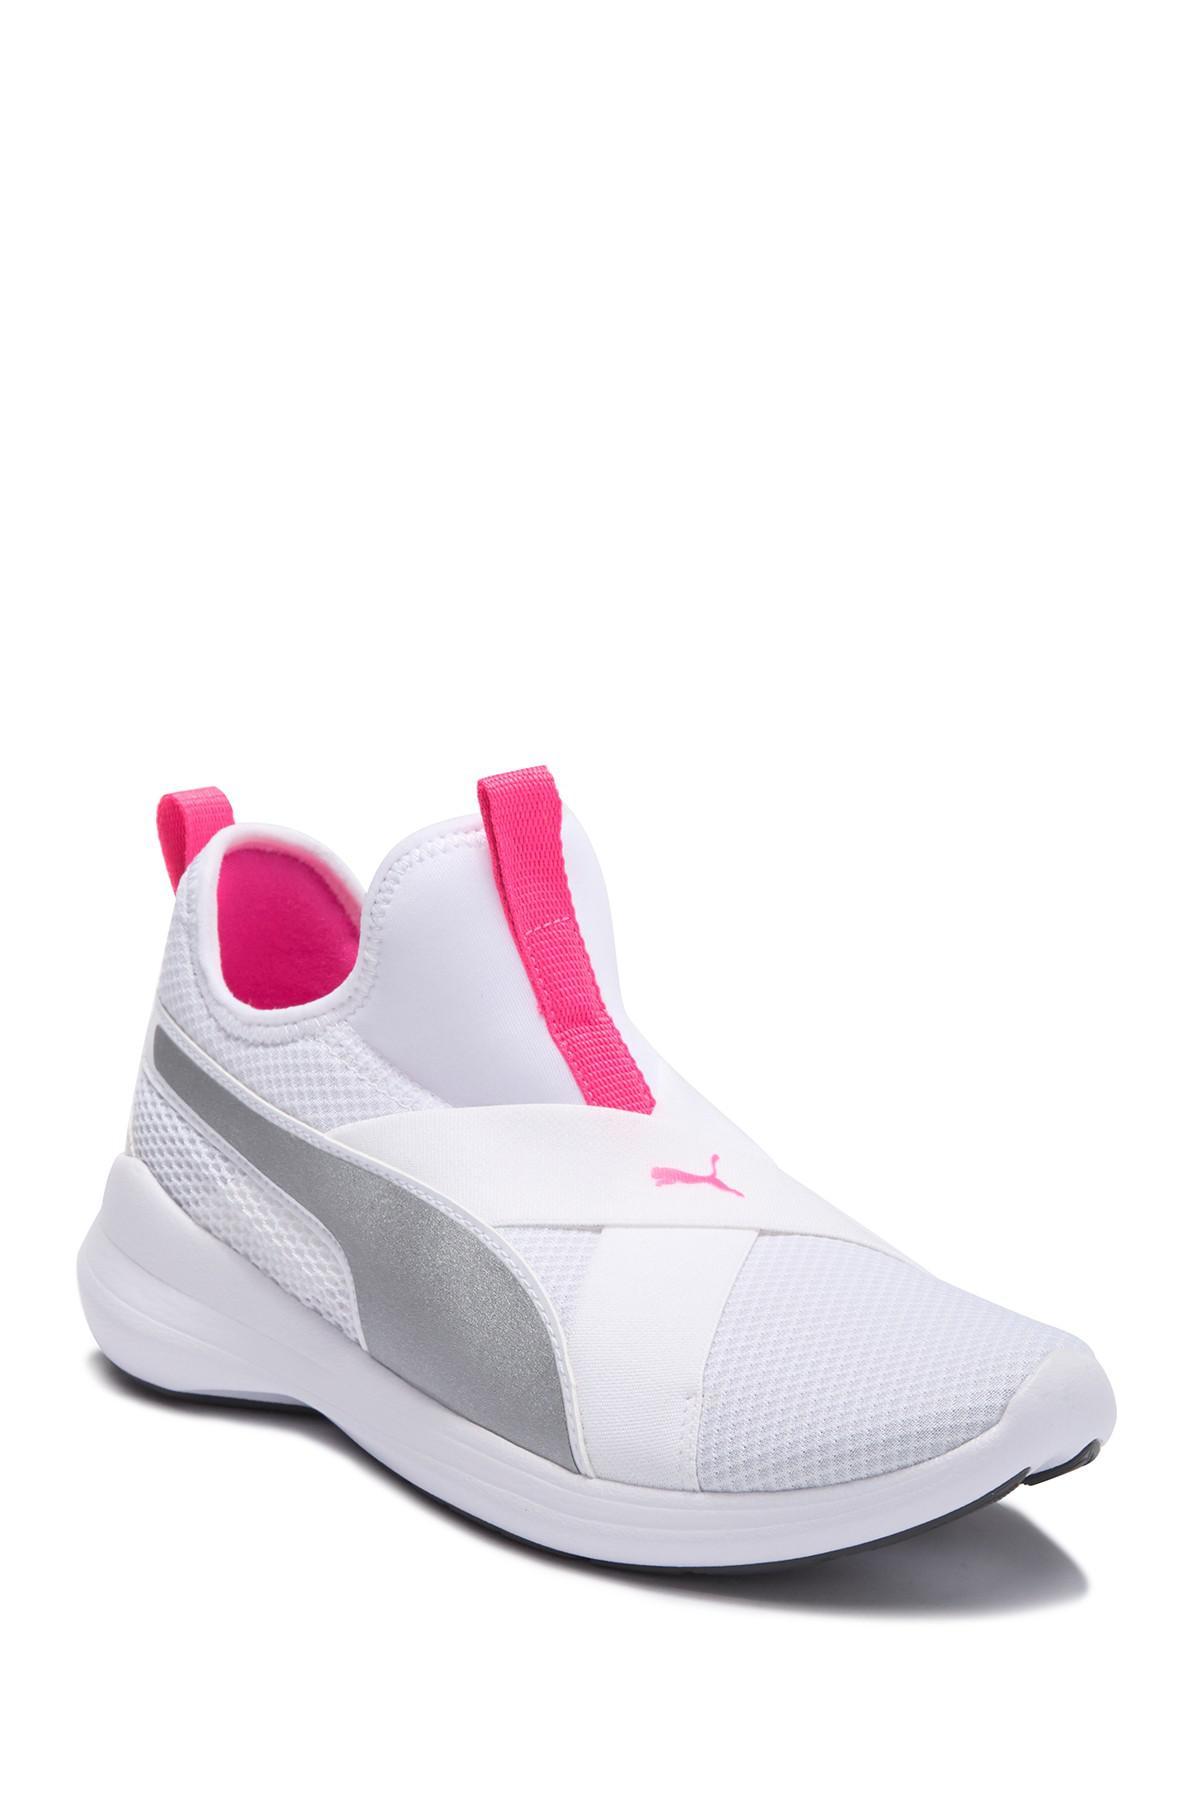 puma rebel x sneakers